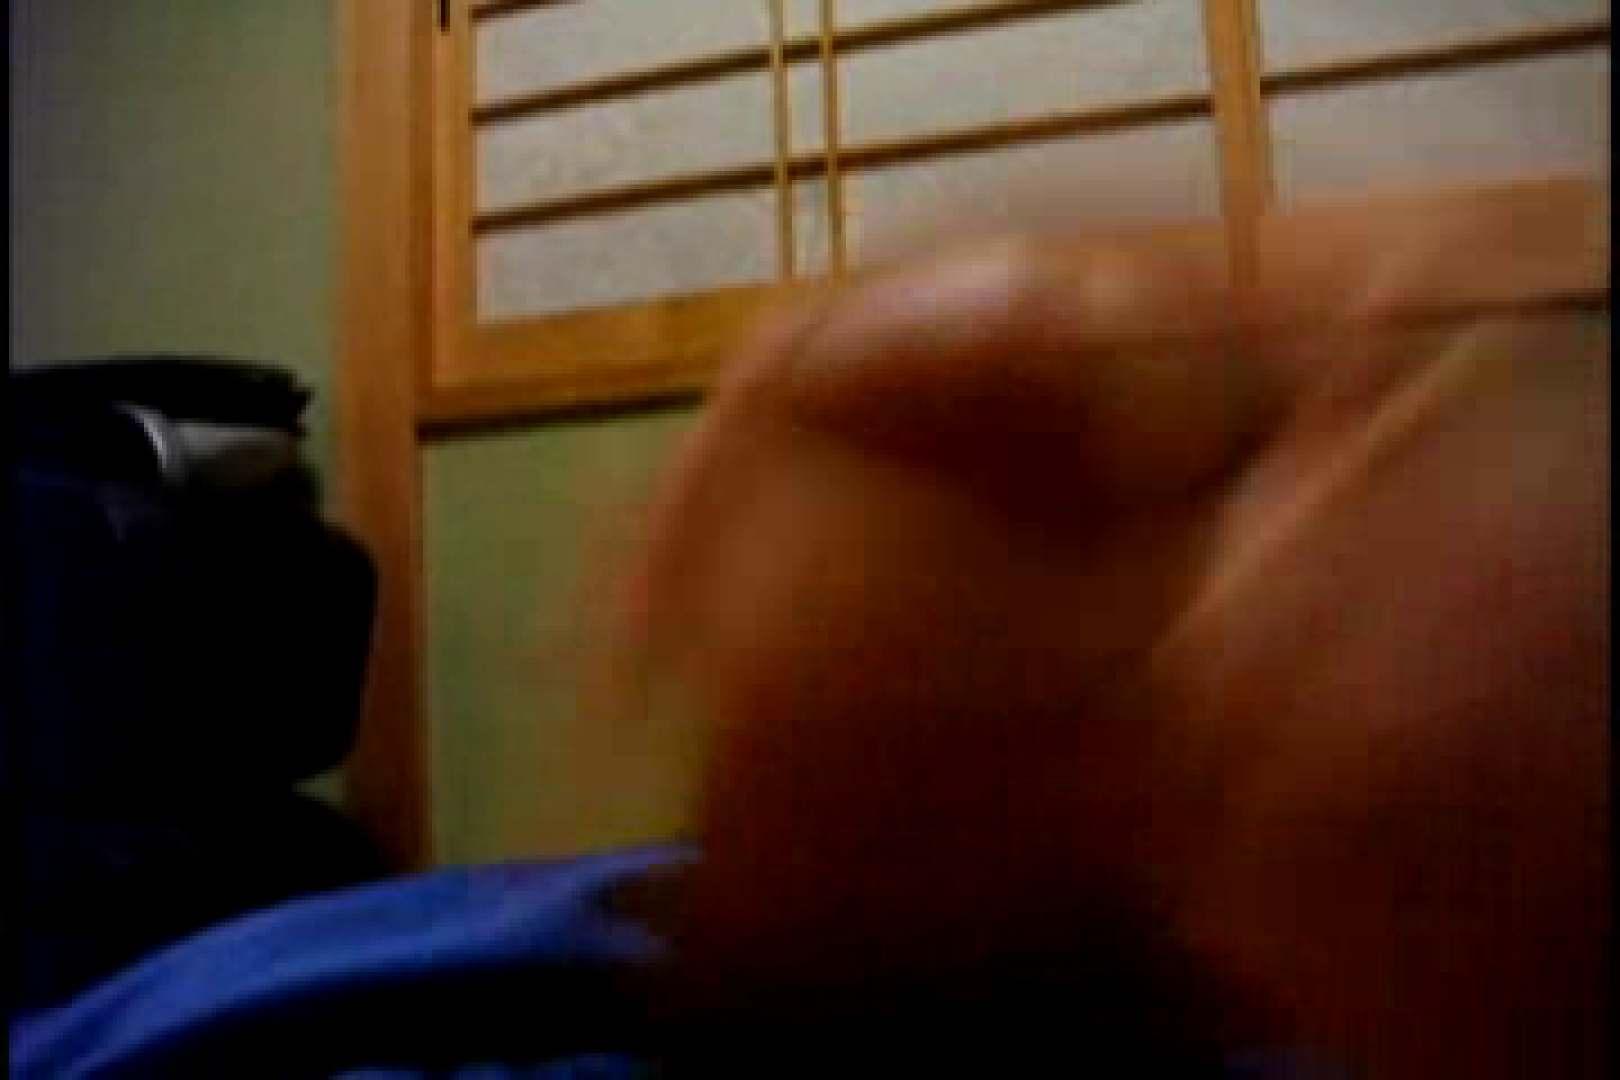 オナ好きノンケテニス部員の自画撮り投稿vol.02 流出  104pic 62